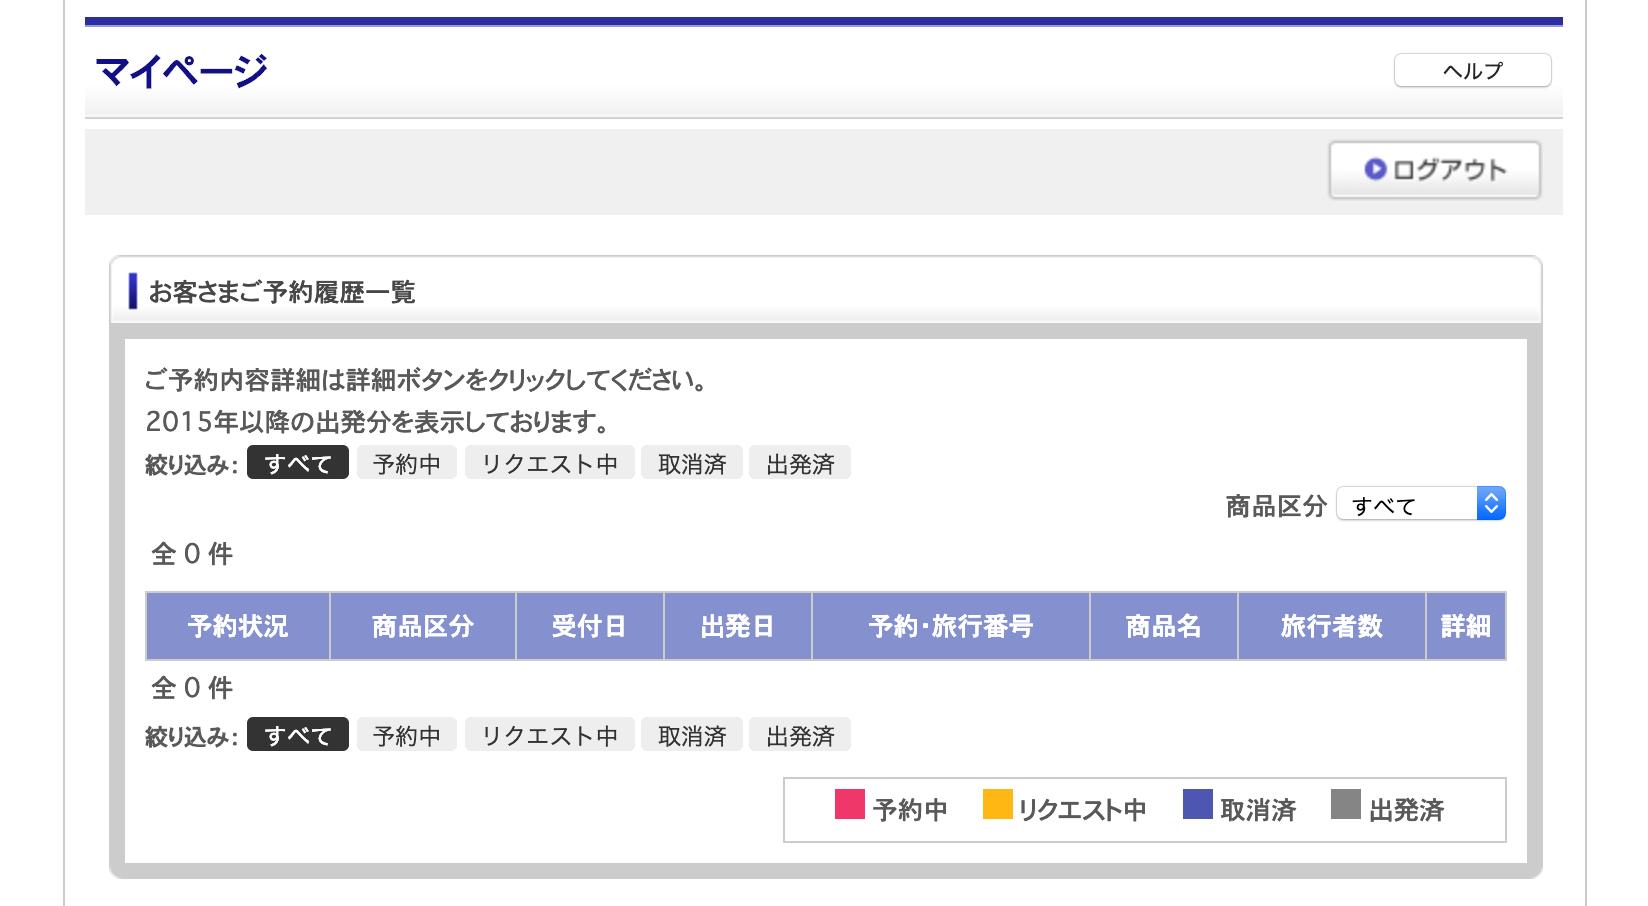 日本旅行で予約確認画面